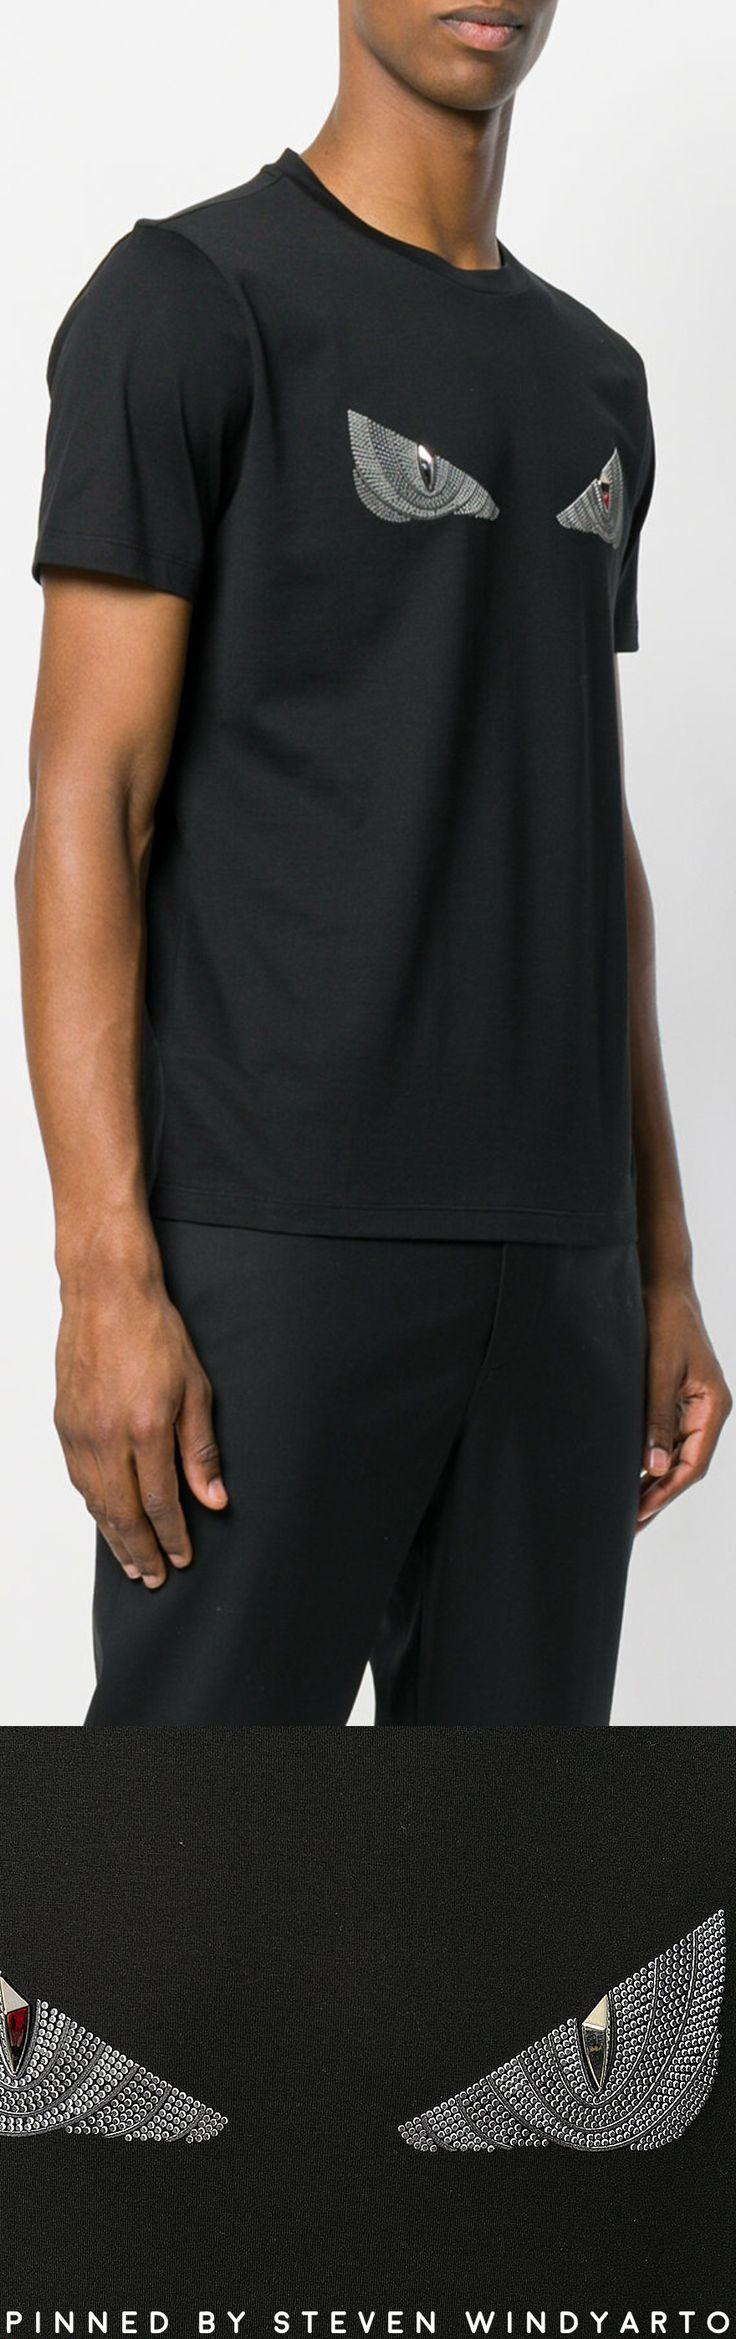 Fendi - Bag Bugs T-shirt #tshirt #tshirts